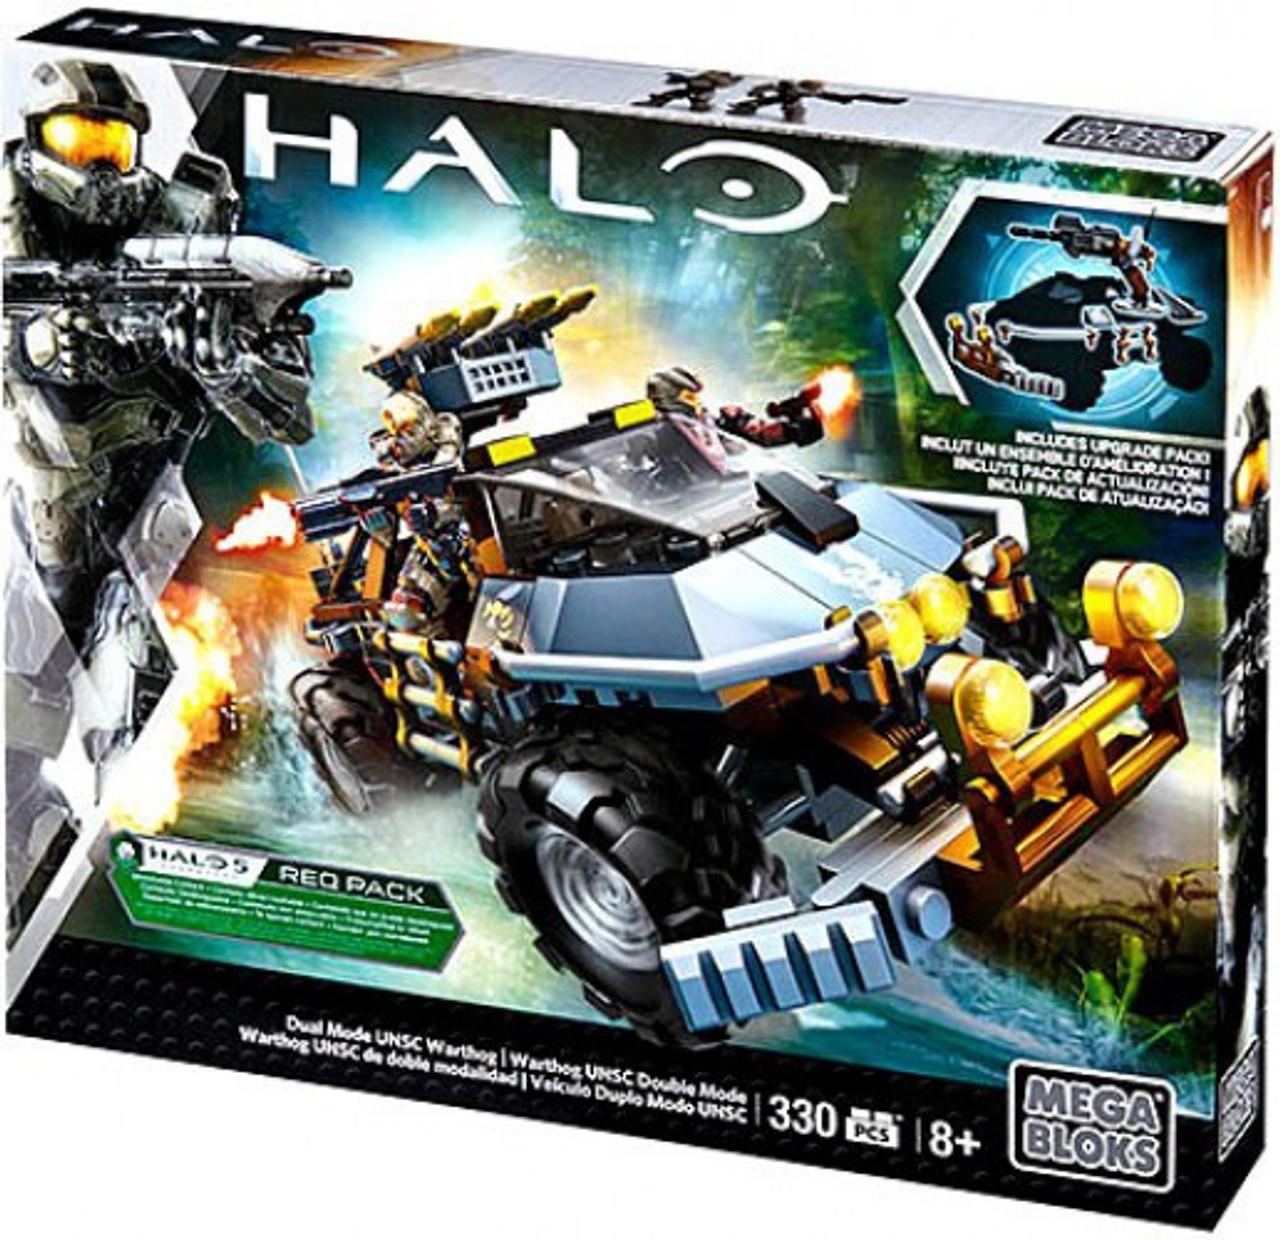 Mega Bloks Halo Dual Mode UNSC Warthog Set #31846